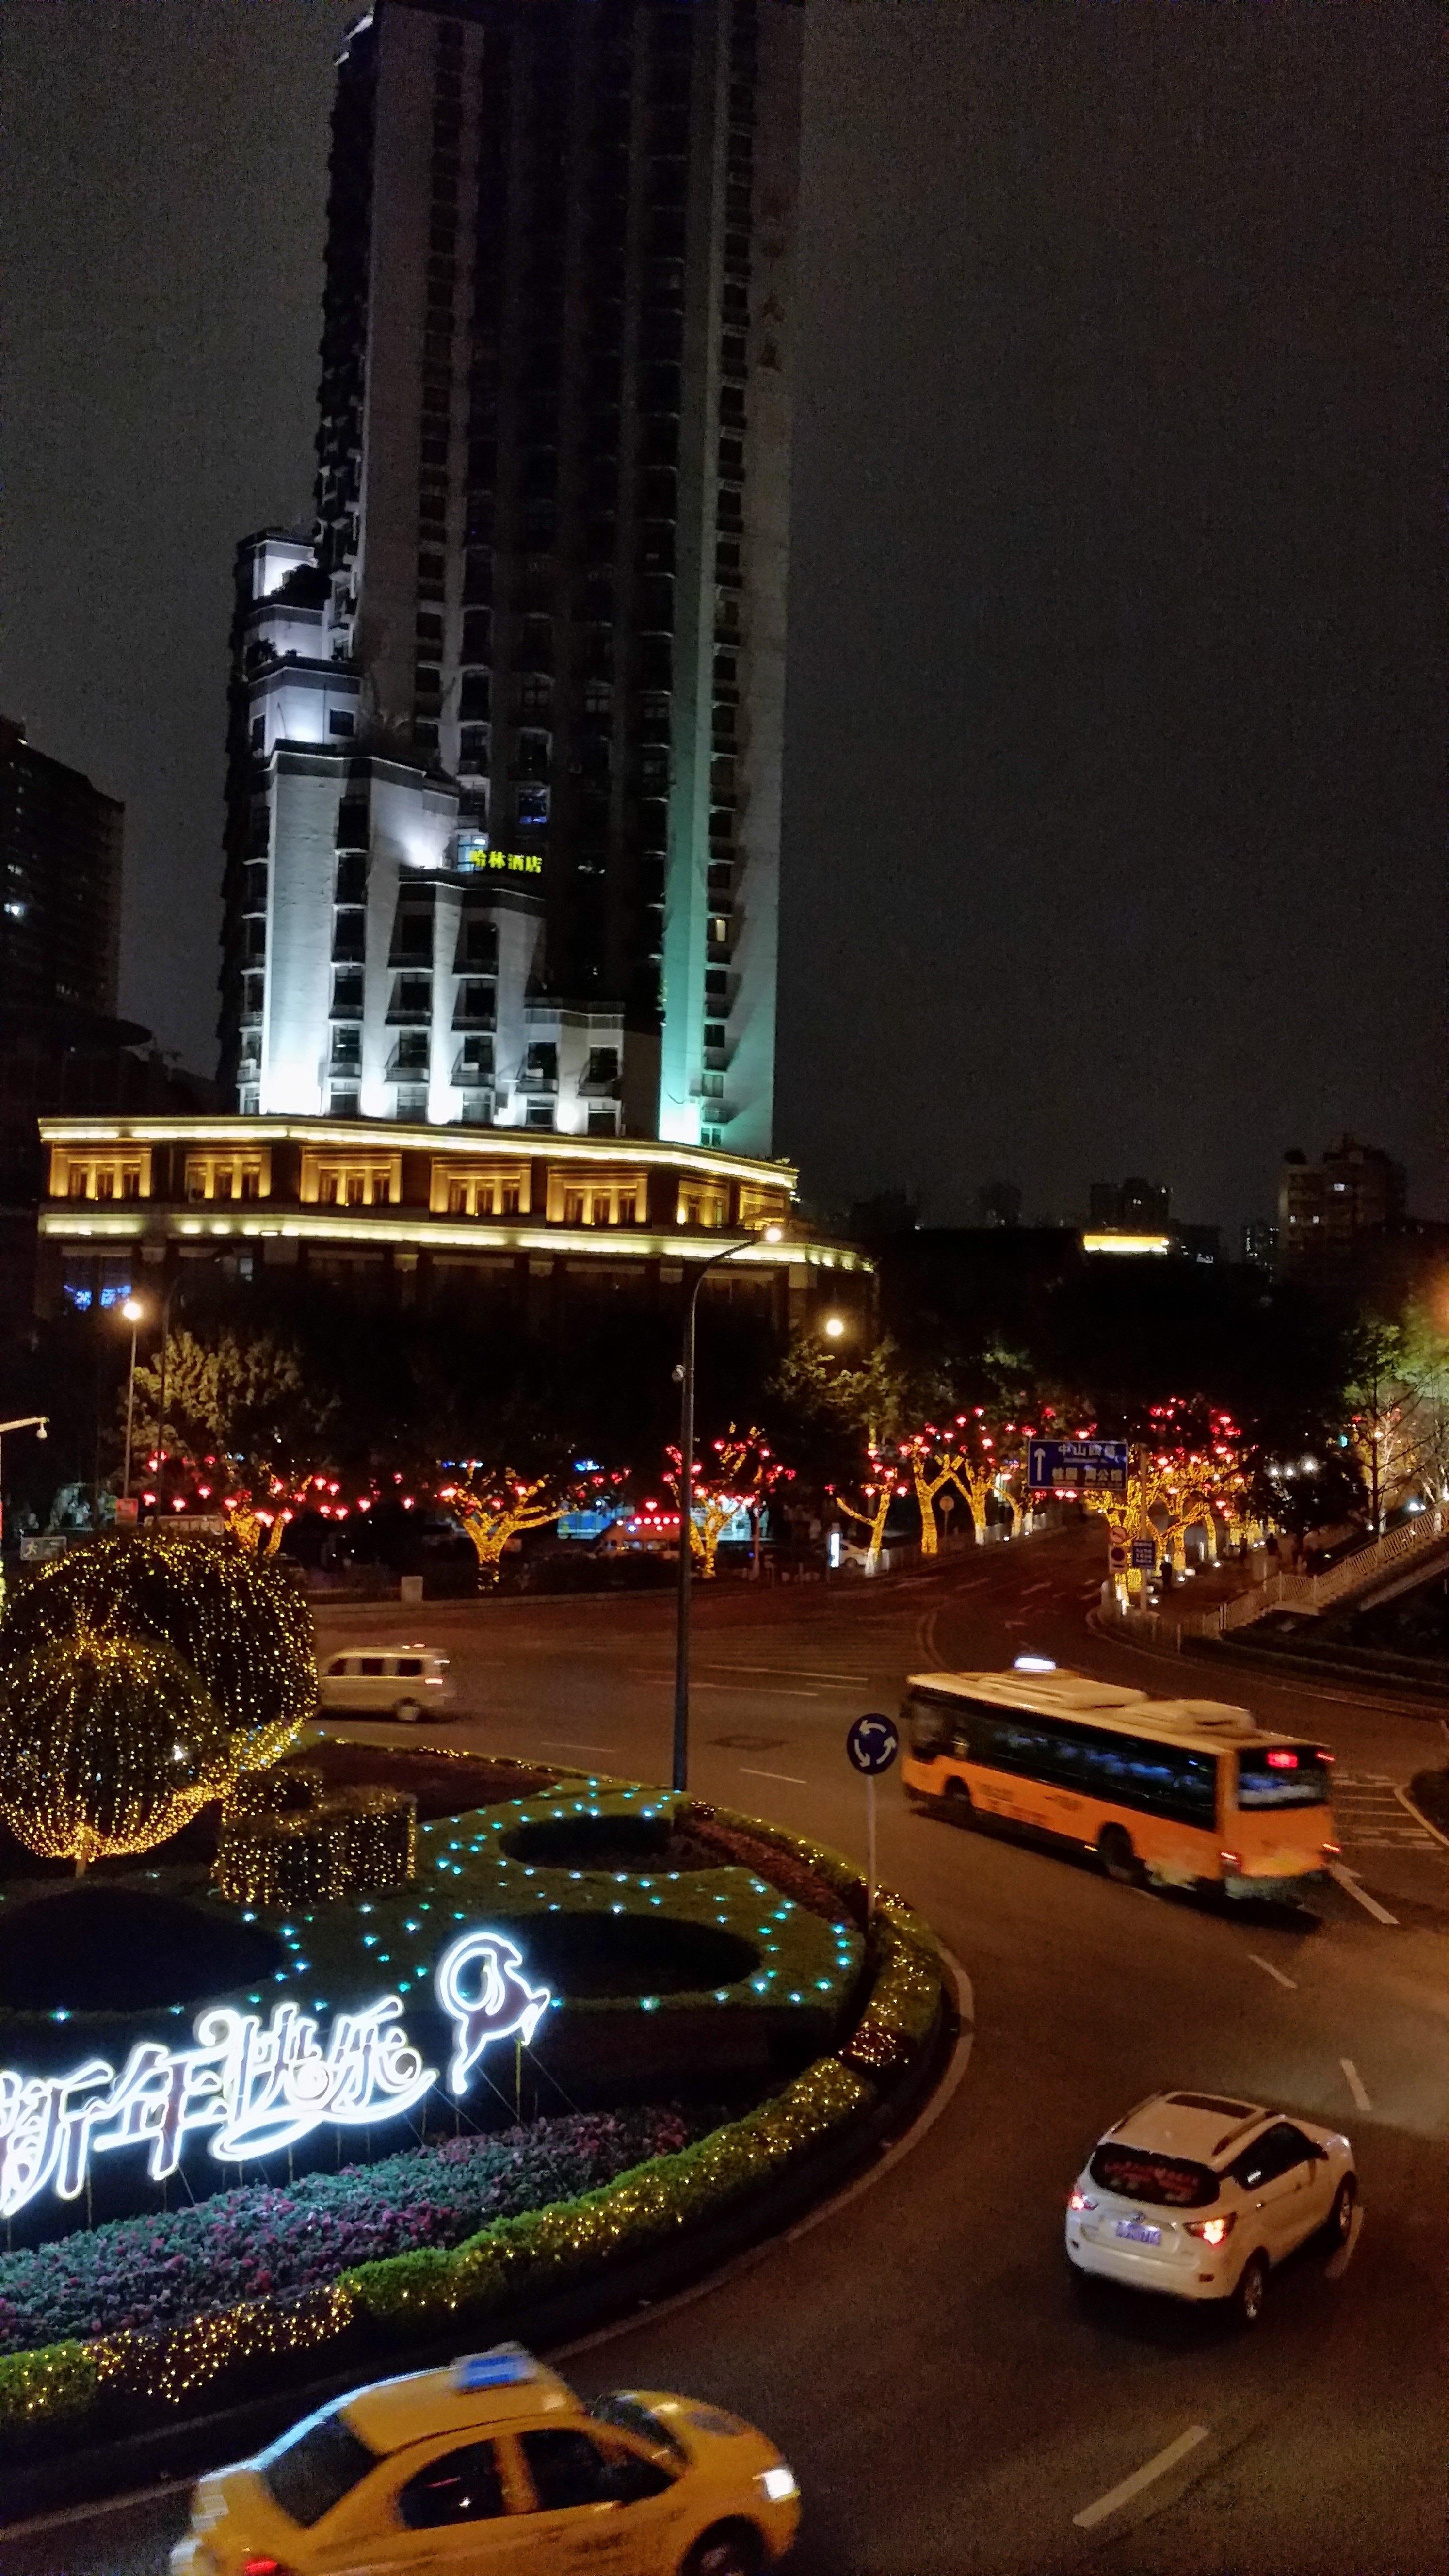 2013年4月涪陵,酉阳,重庆,彭水,巫山,黔江,武隆茶南攻略车位图片